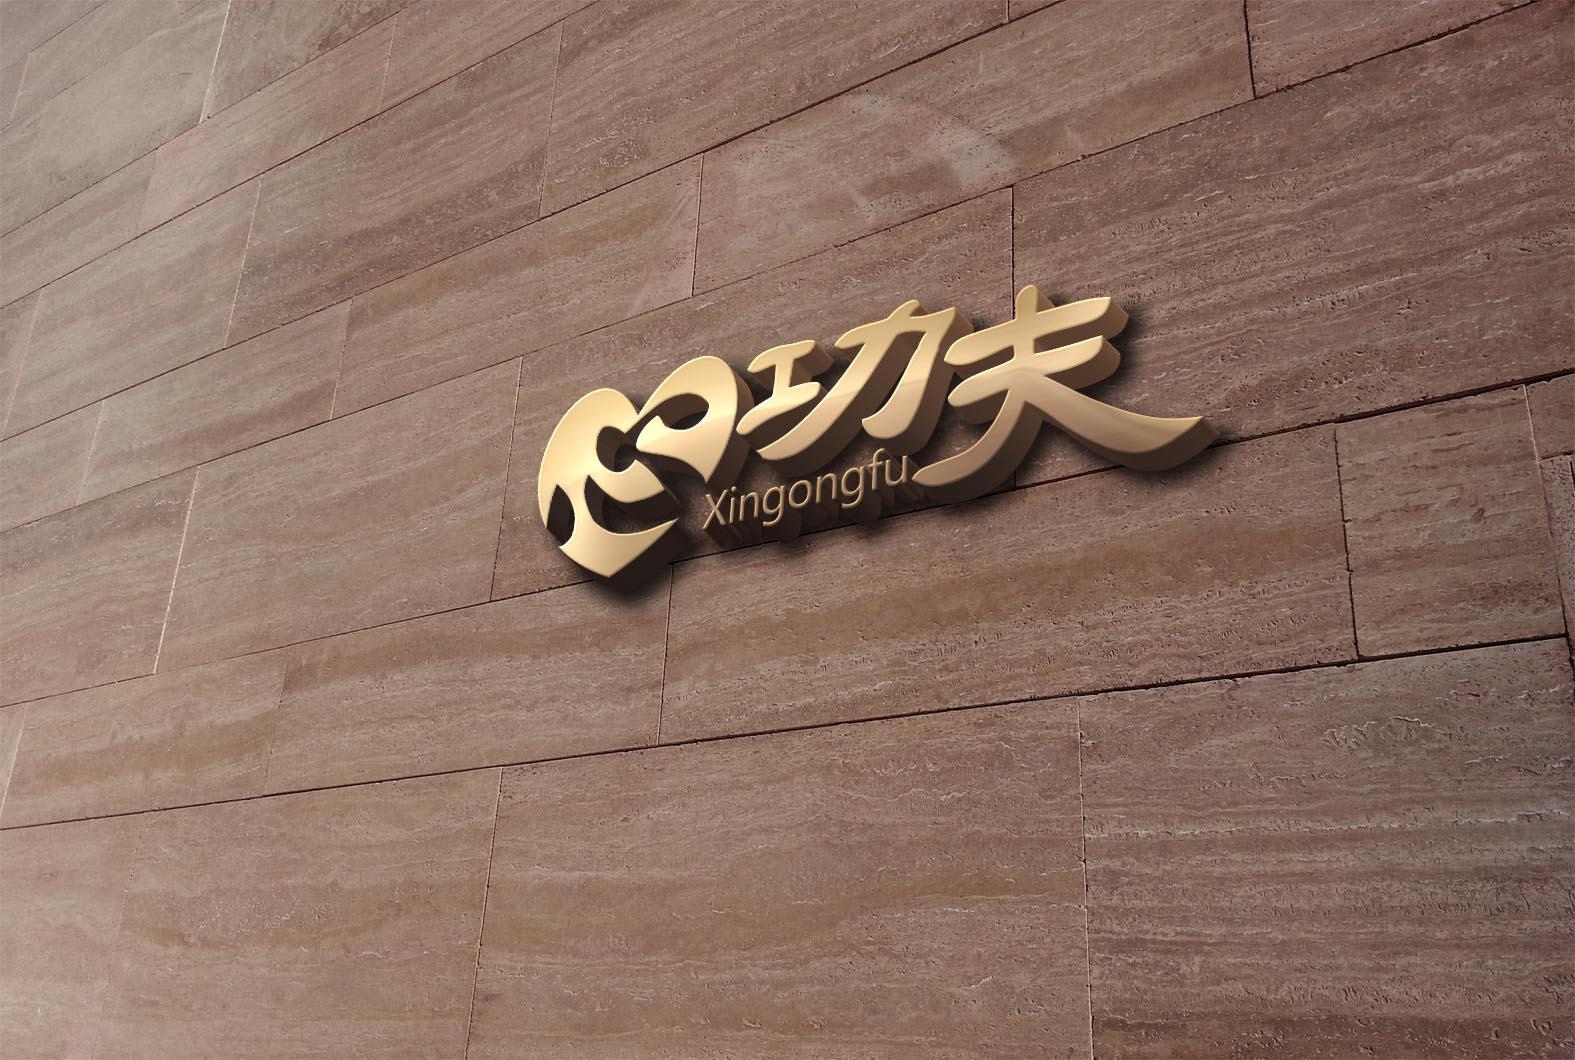 健康从心开始:心功夫Logo设计_2946869_k68威客网